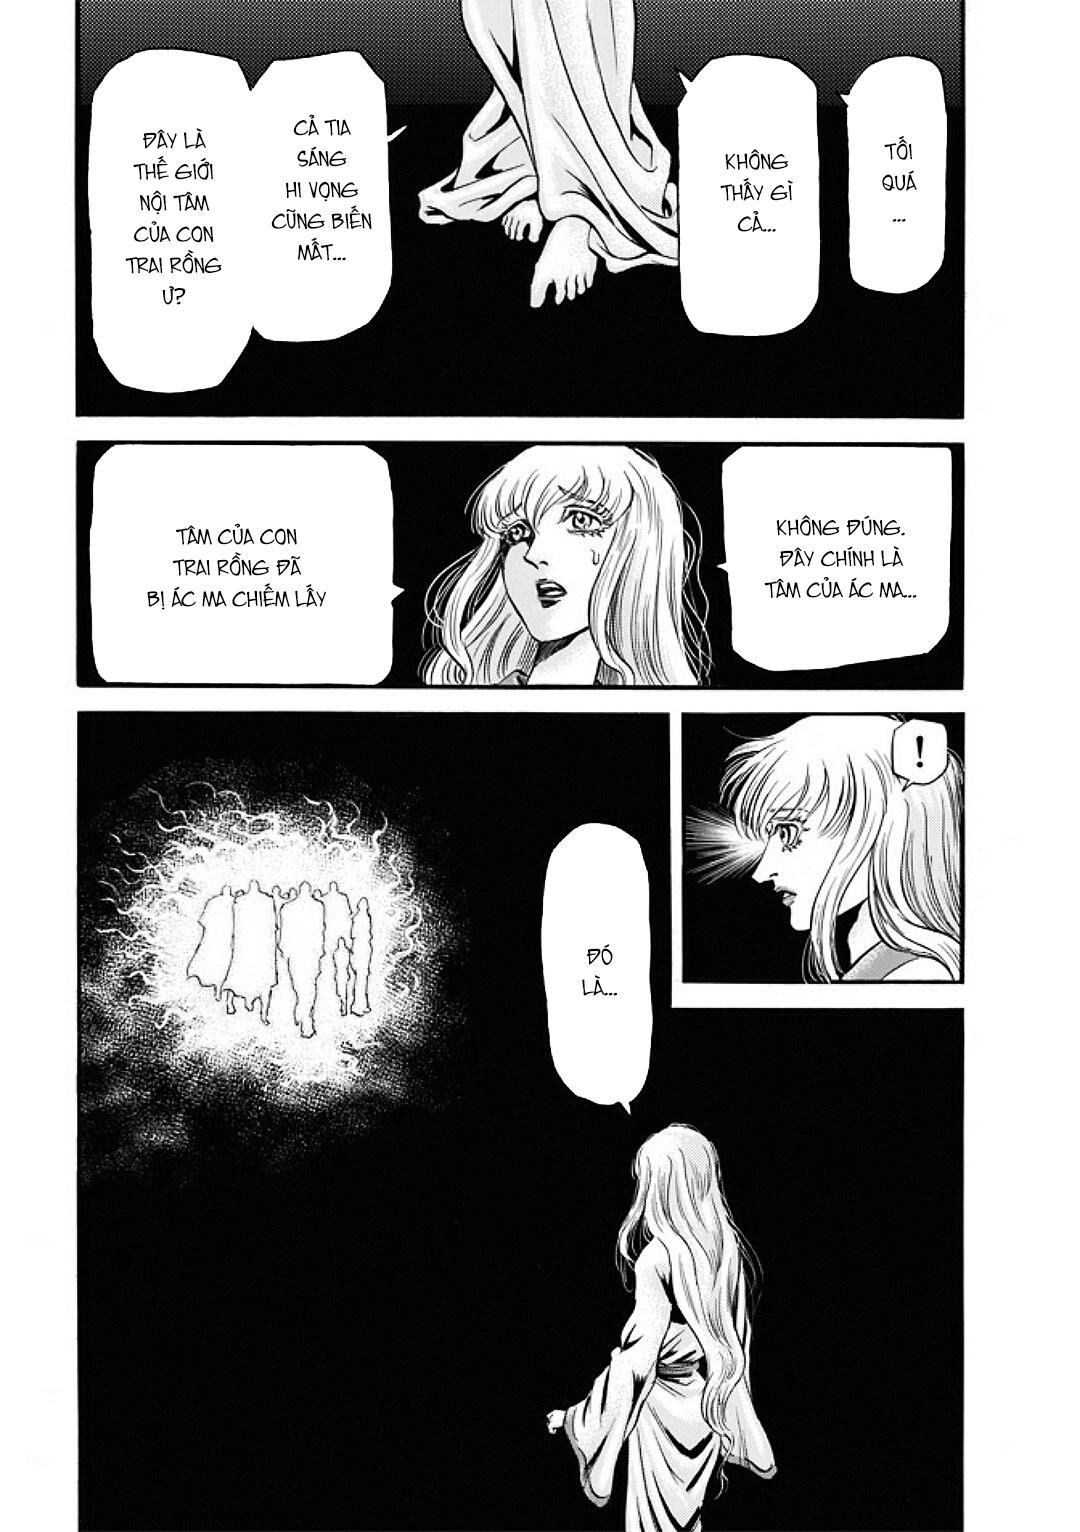 Chú bé rồng-Ryuuroden chap 287 Trang 15 - truyendep.com